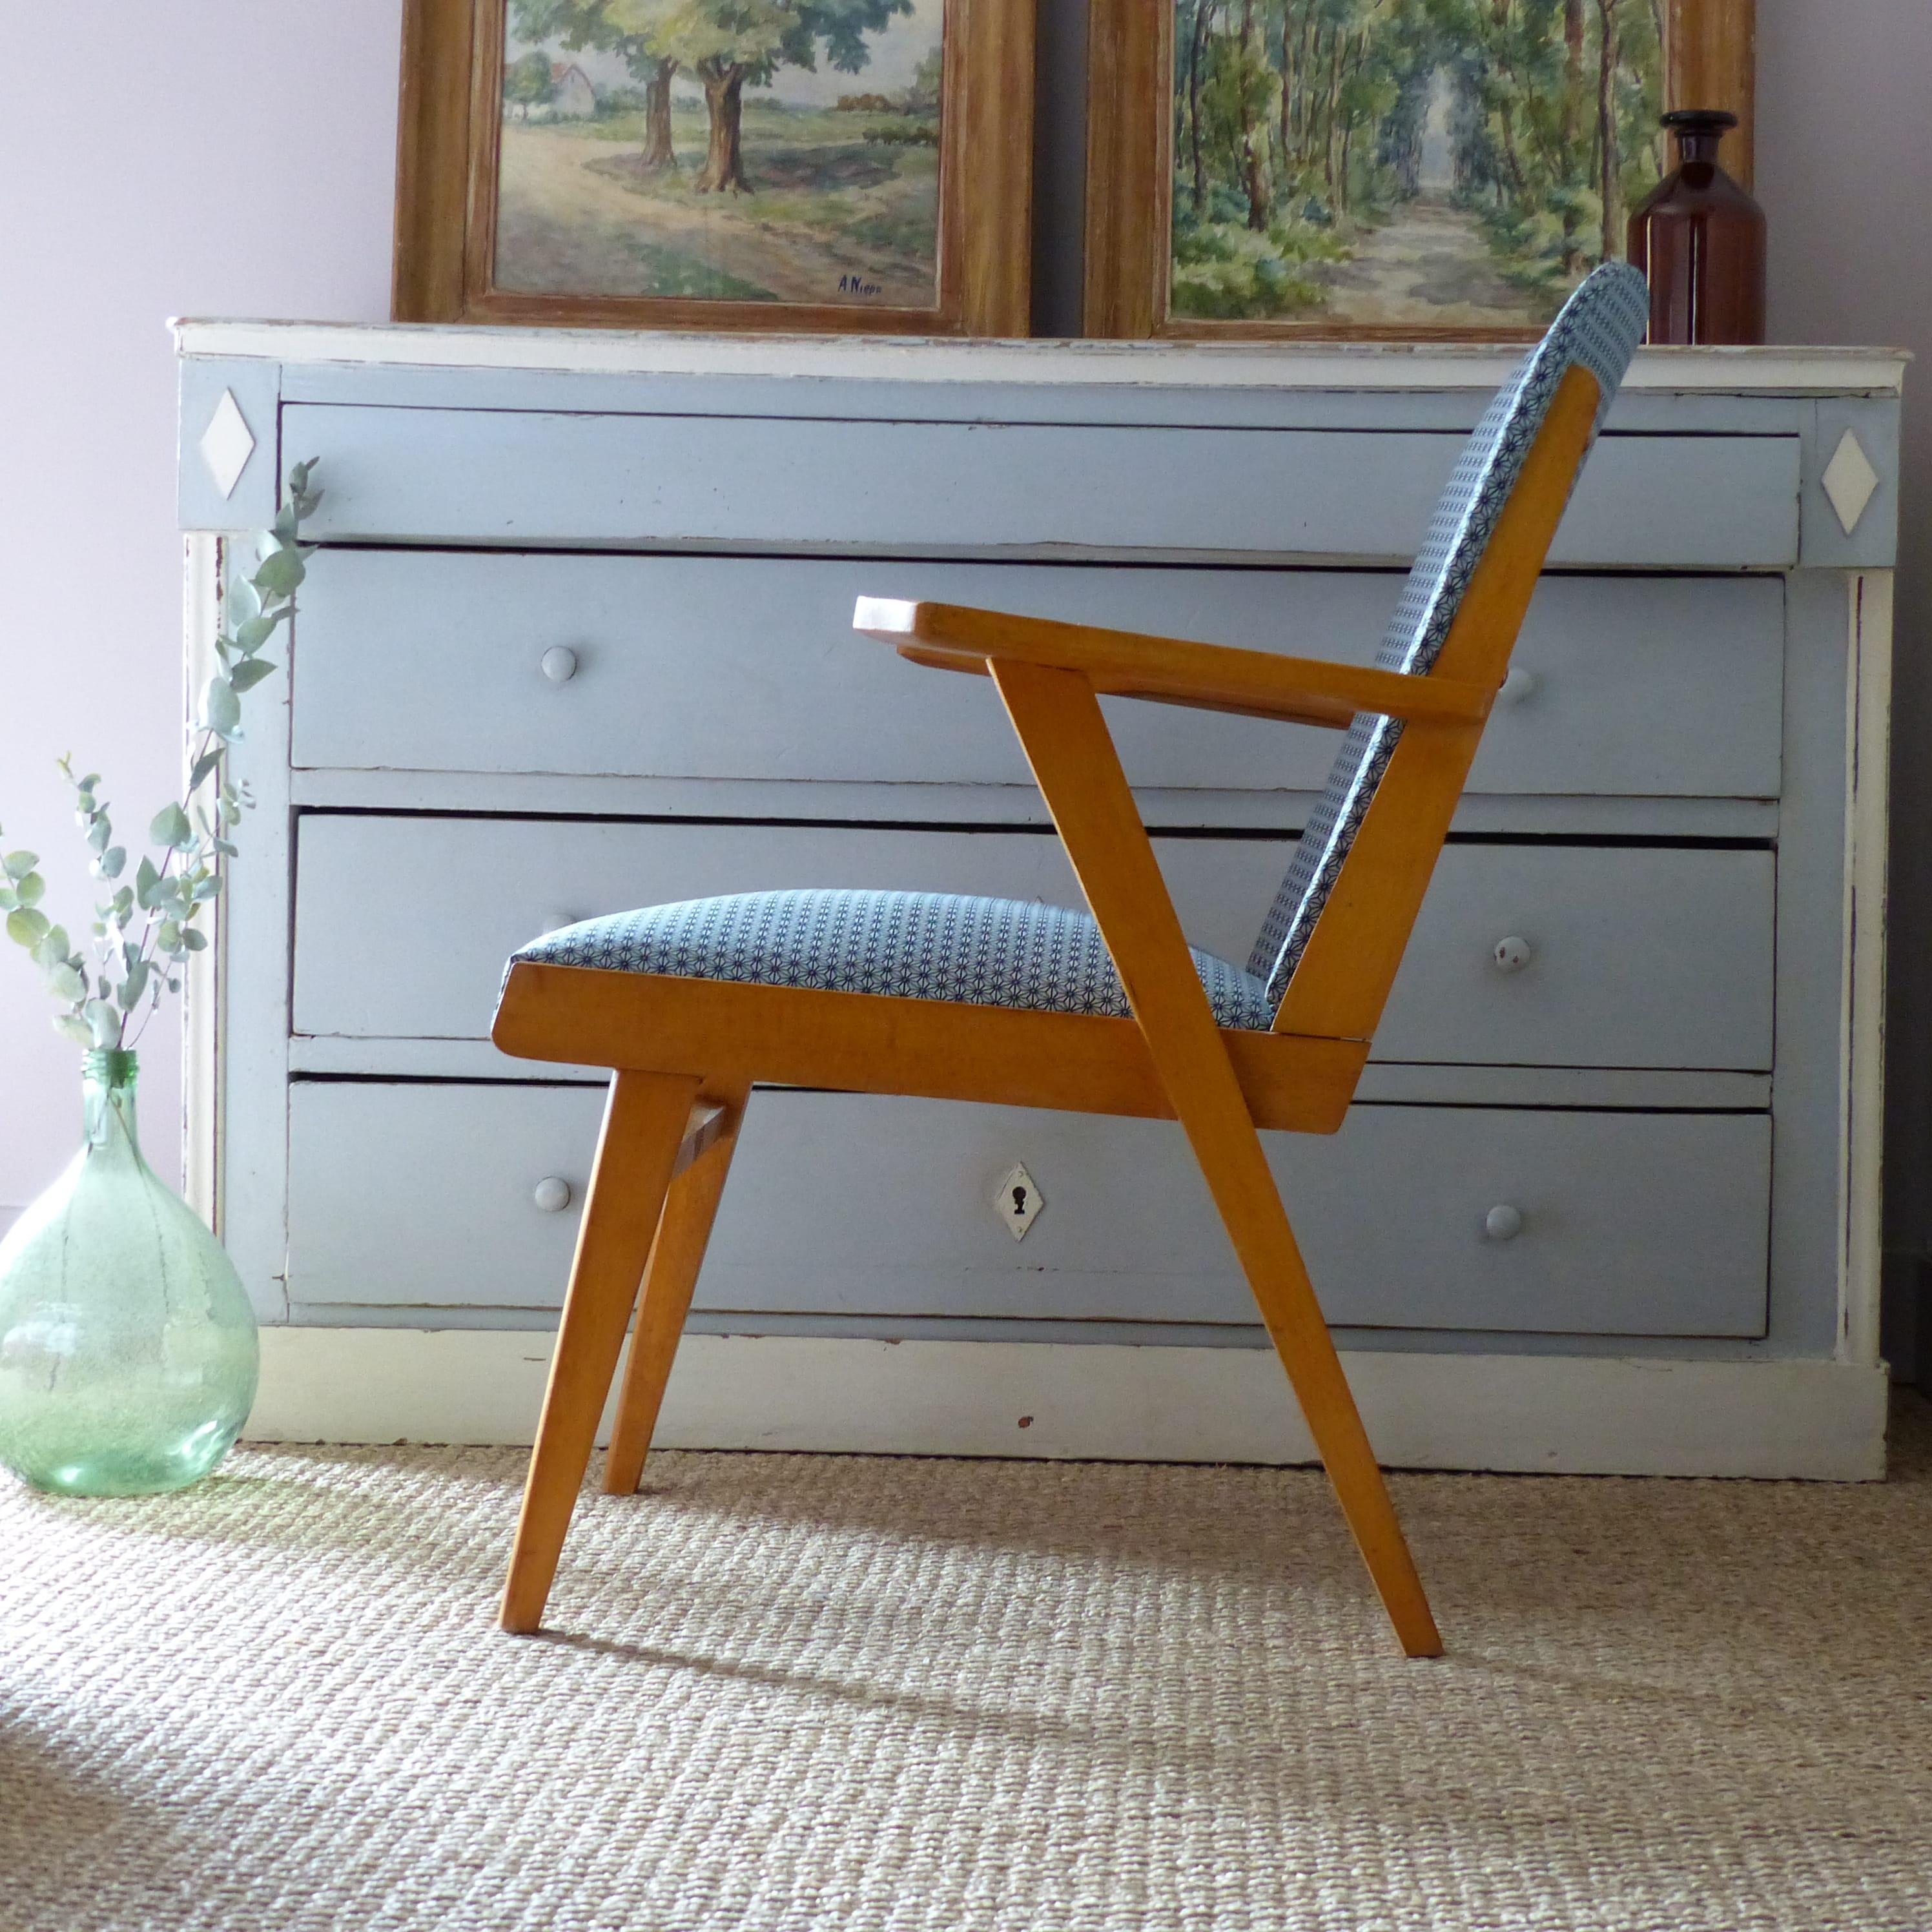 fauteuil bridge des ann es 50 lignedebrocante brocante en ligne chine pour vous meubles. Black Bedroom Furniture Sets. Home Design Ideas